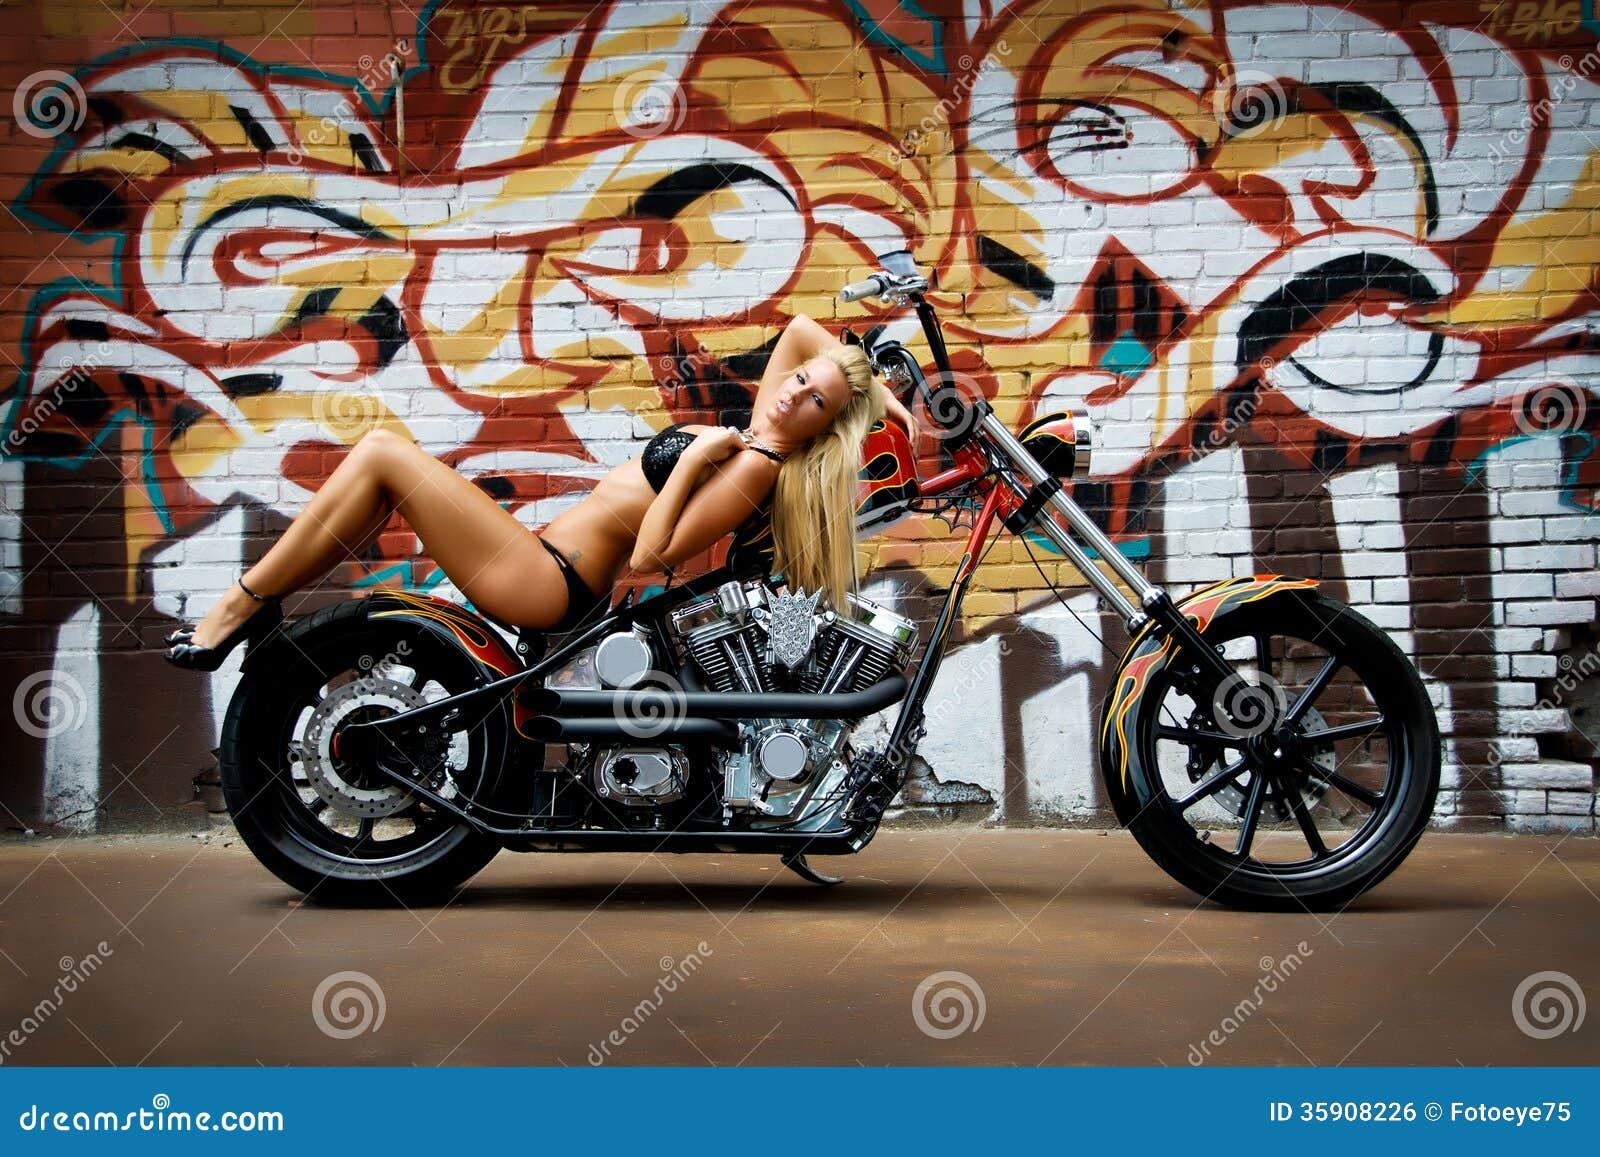 Bikini atractivo de la muchacha en la motocicleta